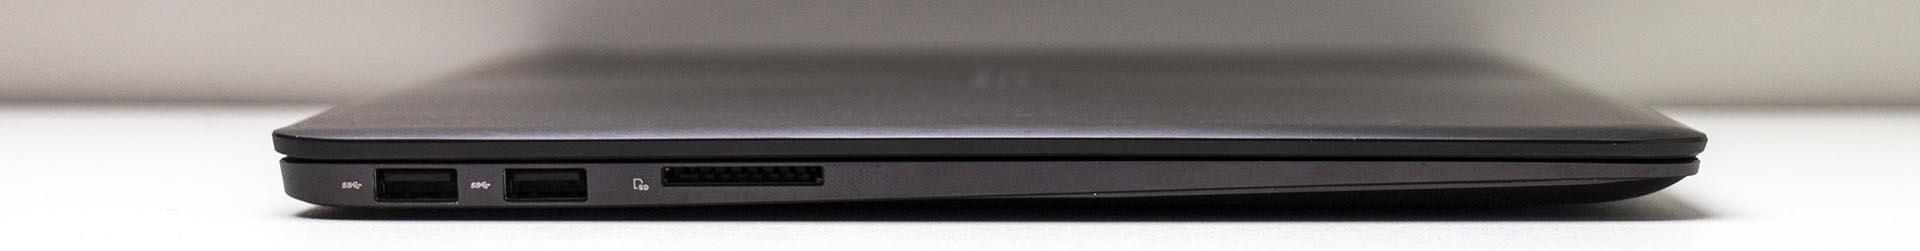 Asus UX305F IMG_1026